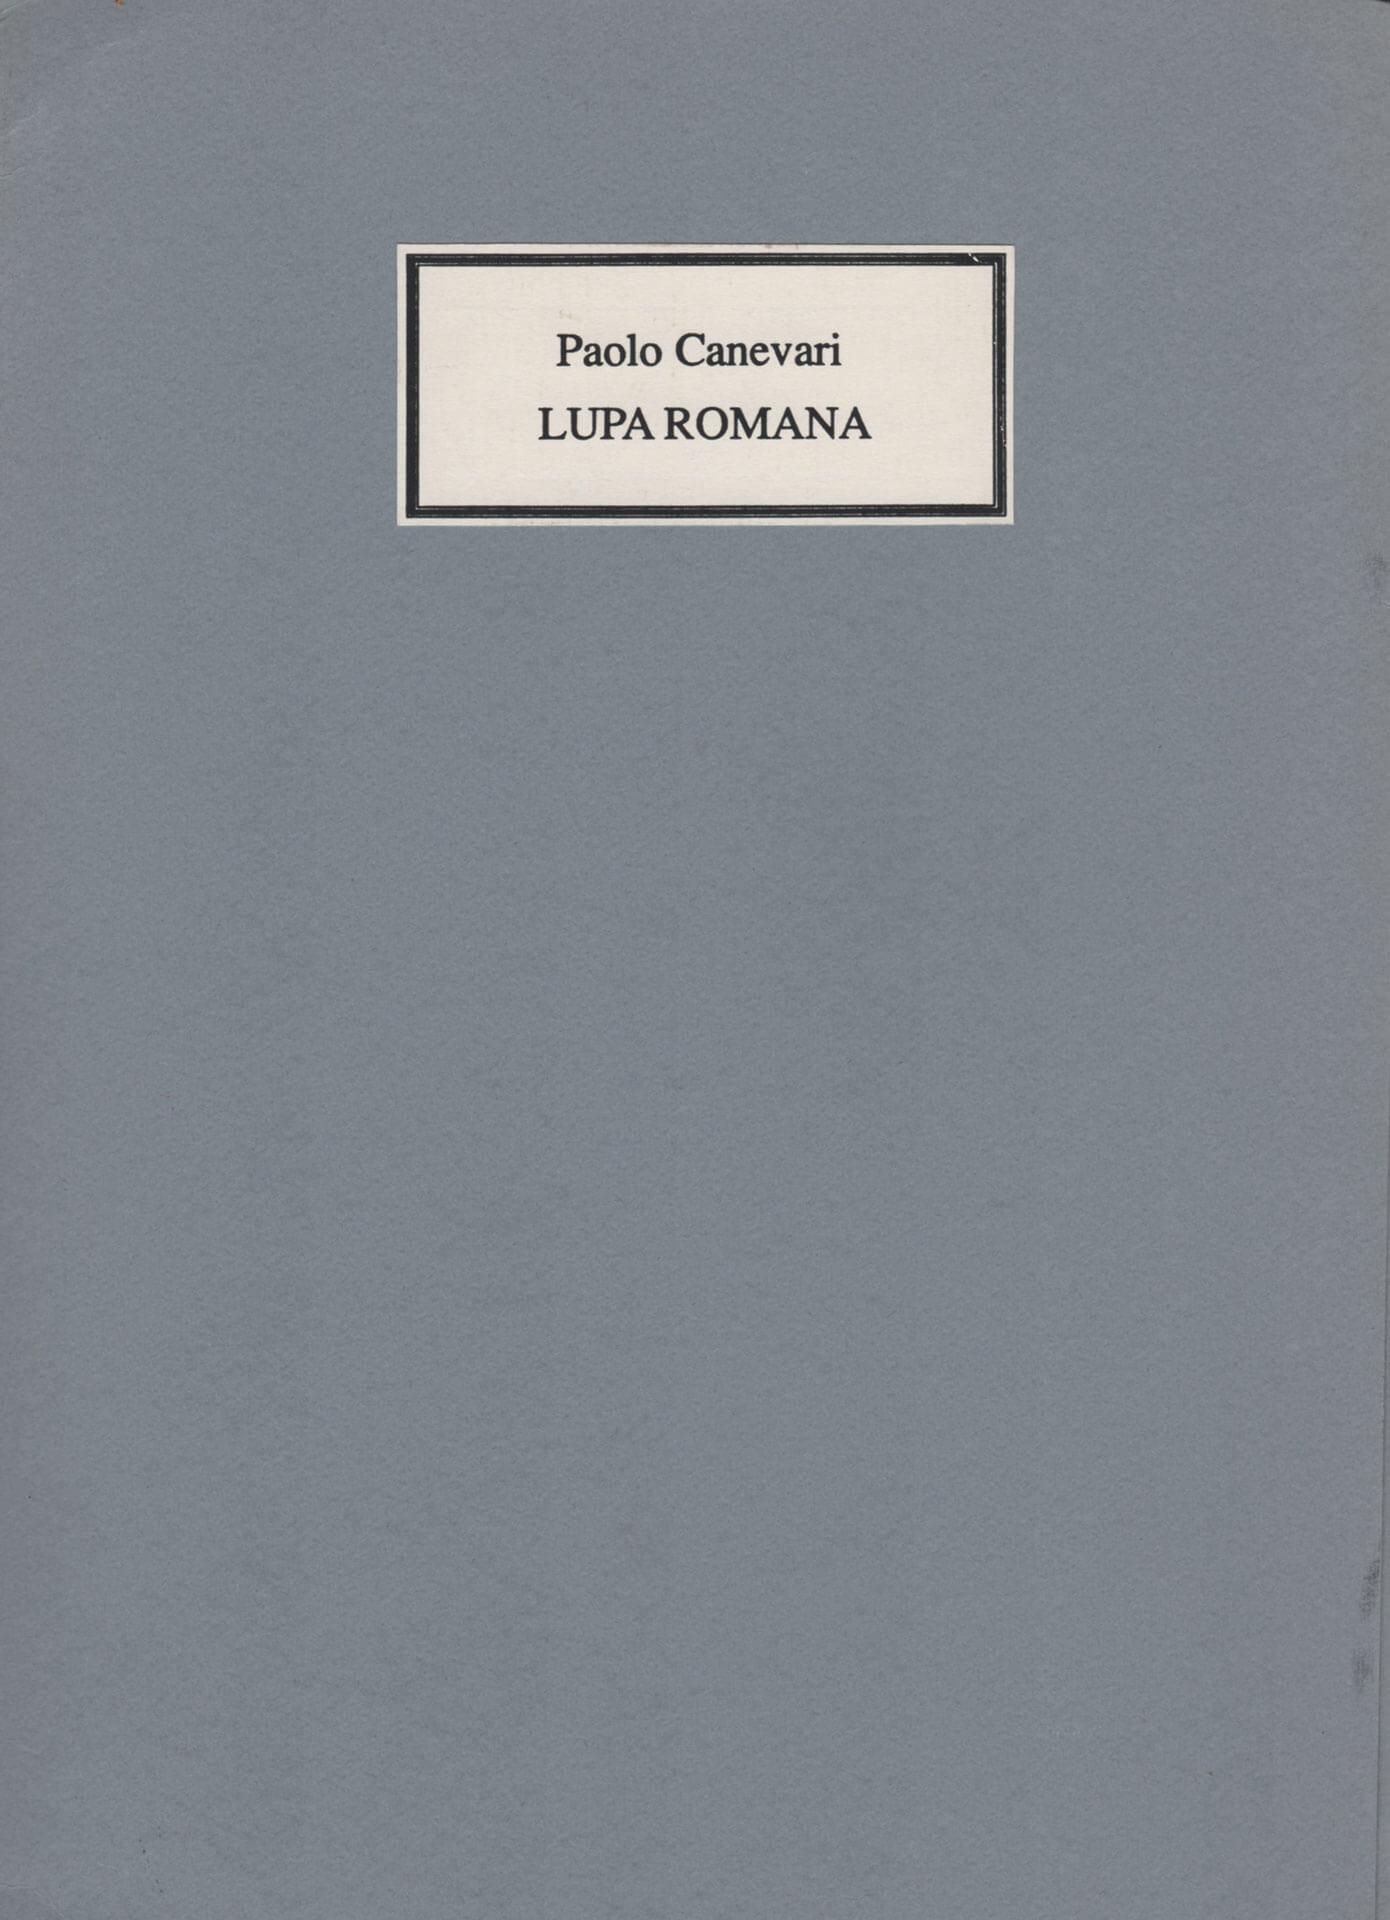 Studio Stefania Miscetti | Catalogues | Paolo Canevari | Lupa romana